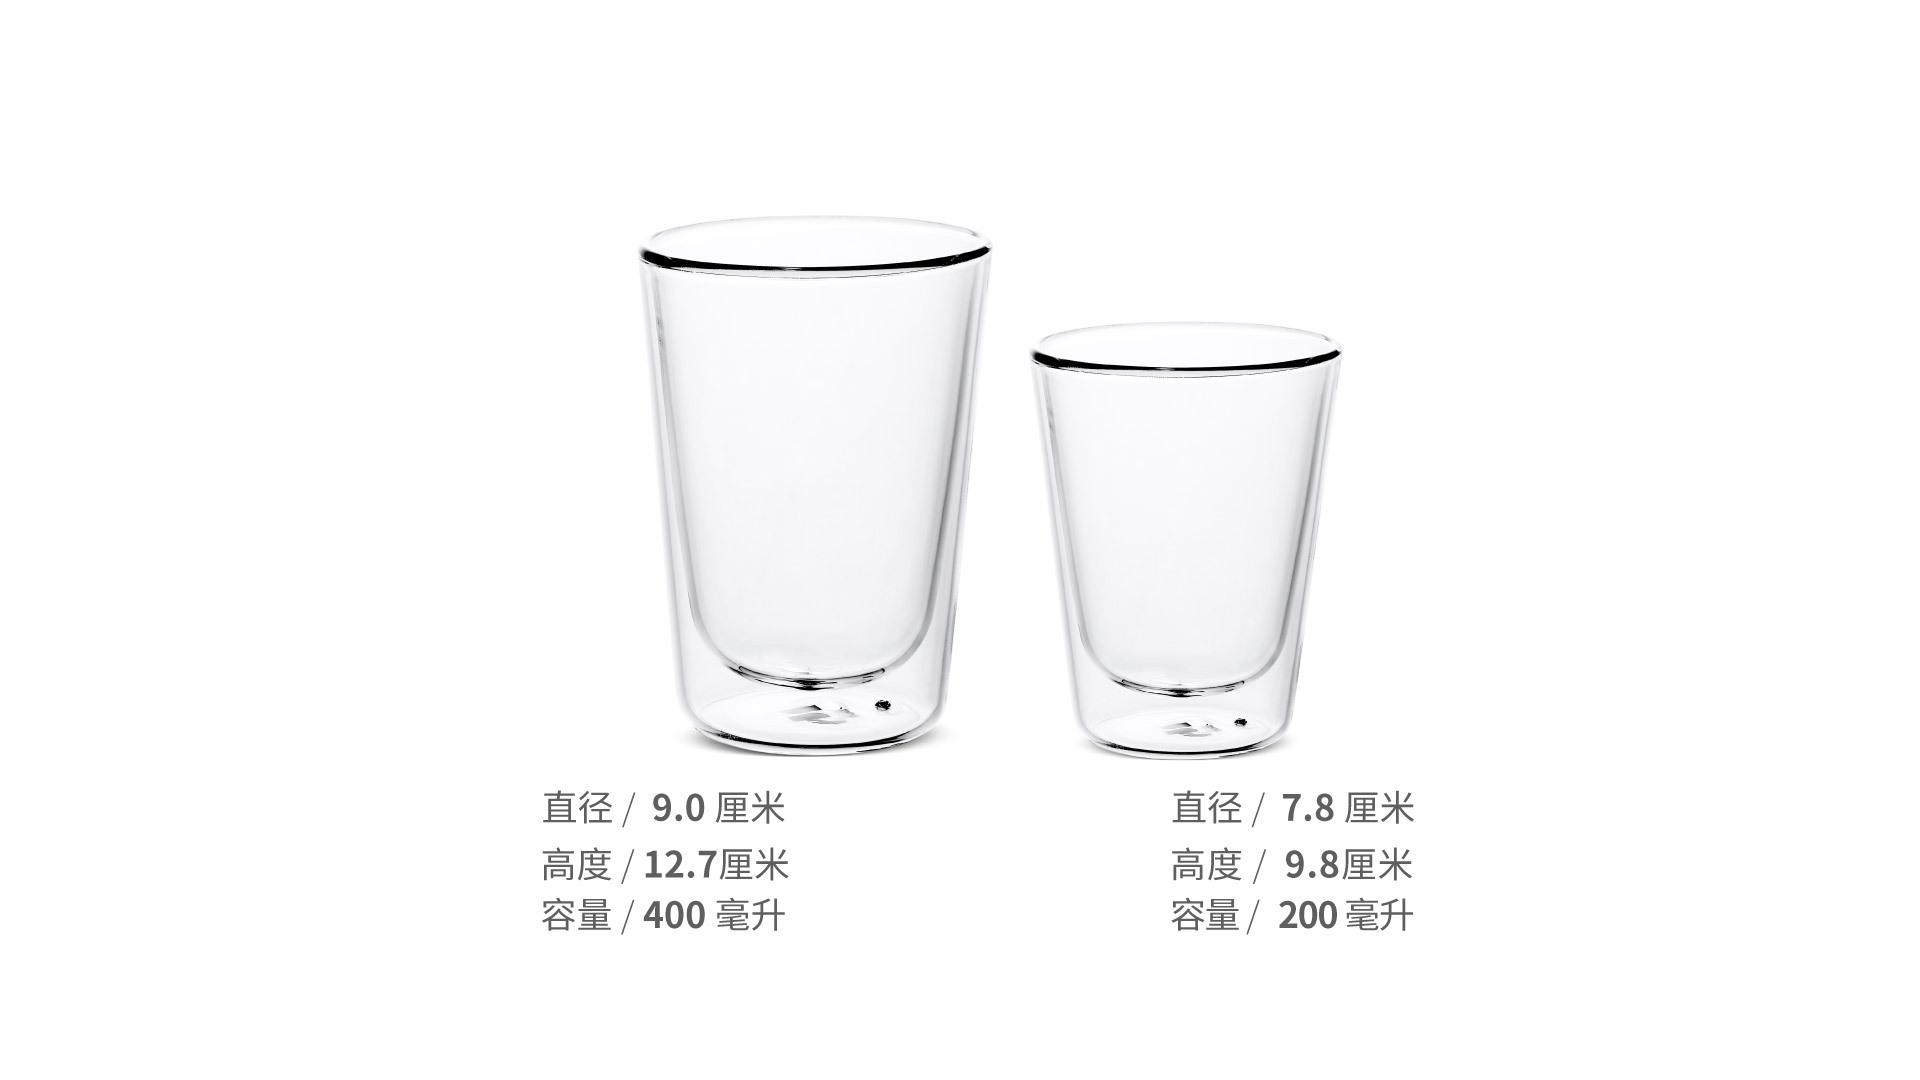 花漾高硼硅美饮杯餐具效果图